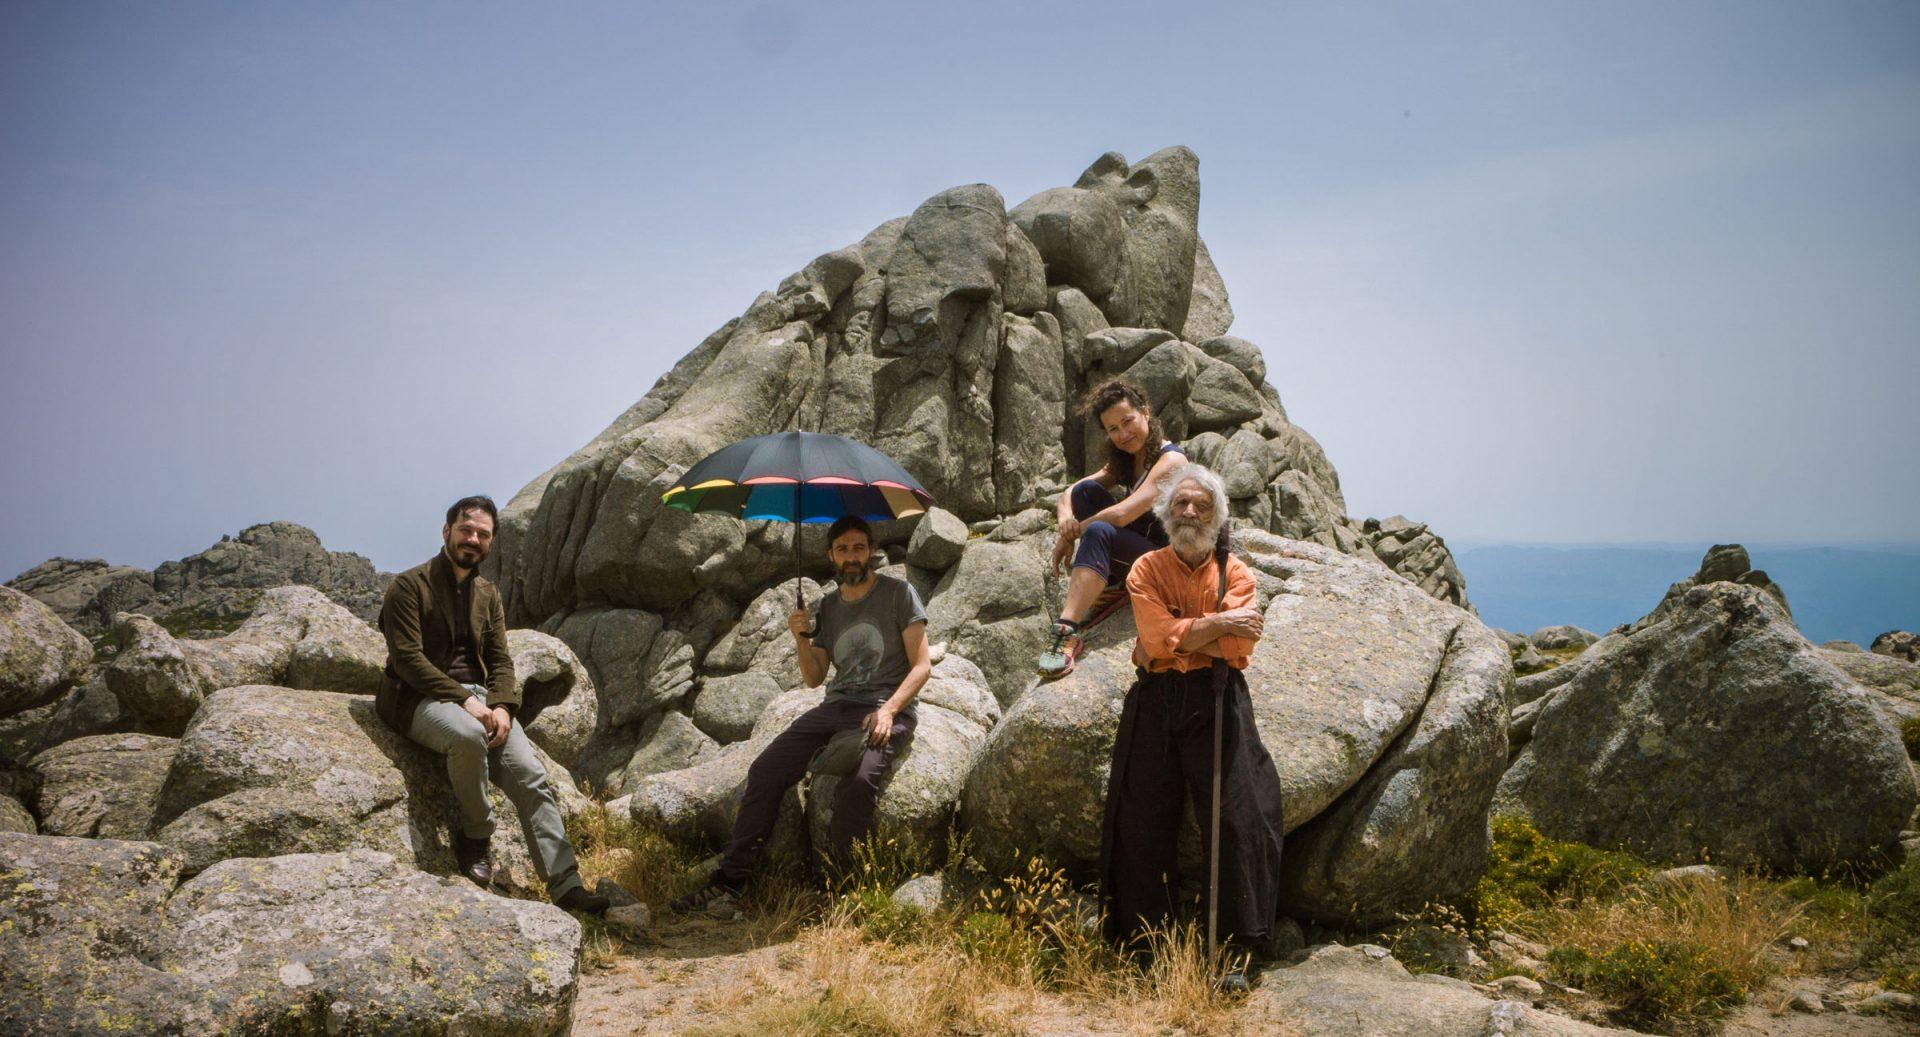 The man of trees: presentazione ufficiale e prima visione del progetto cinematografico e ambientale